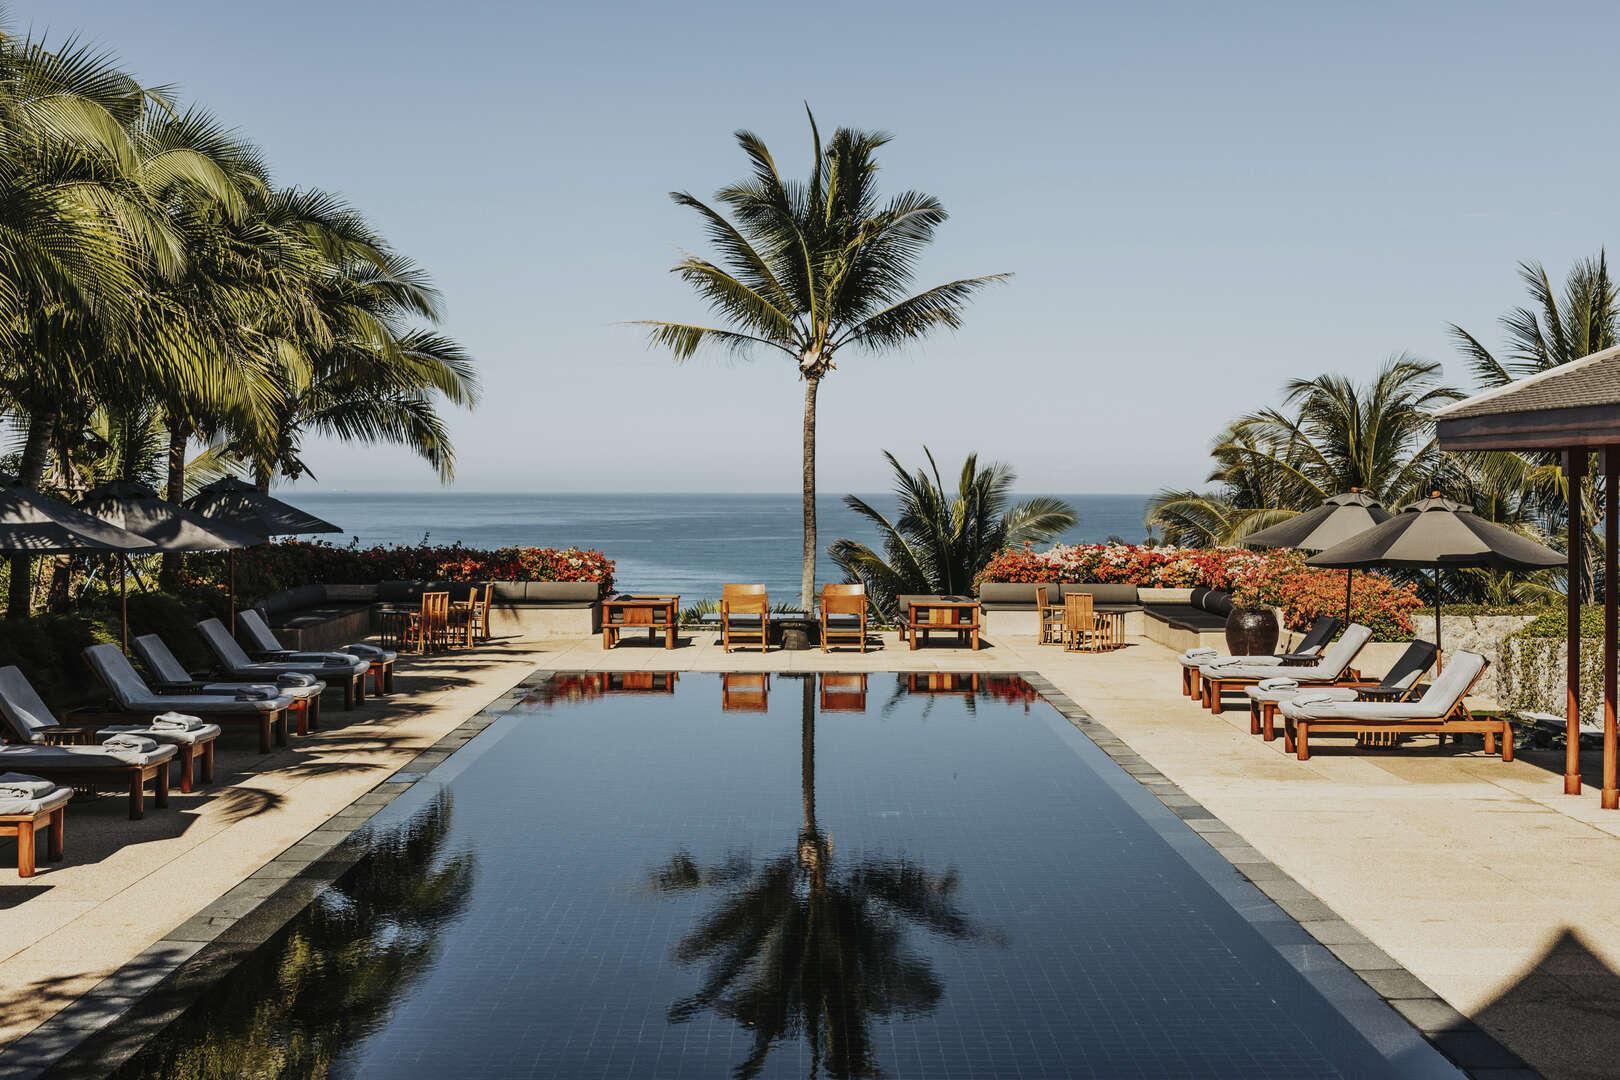 - 9 BDM Ocean Villa - Image 1/15